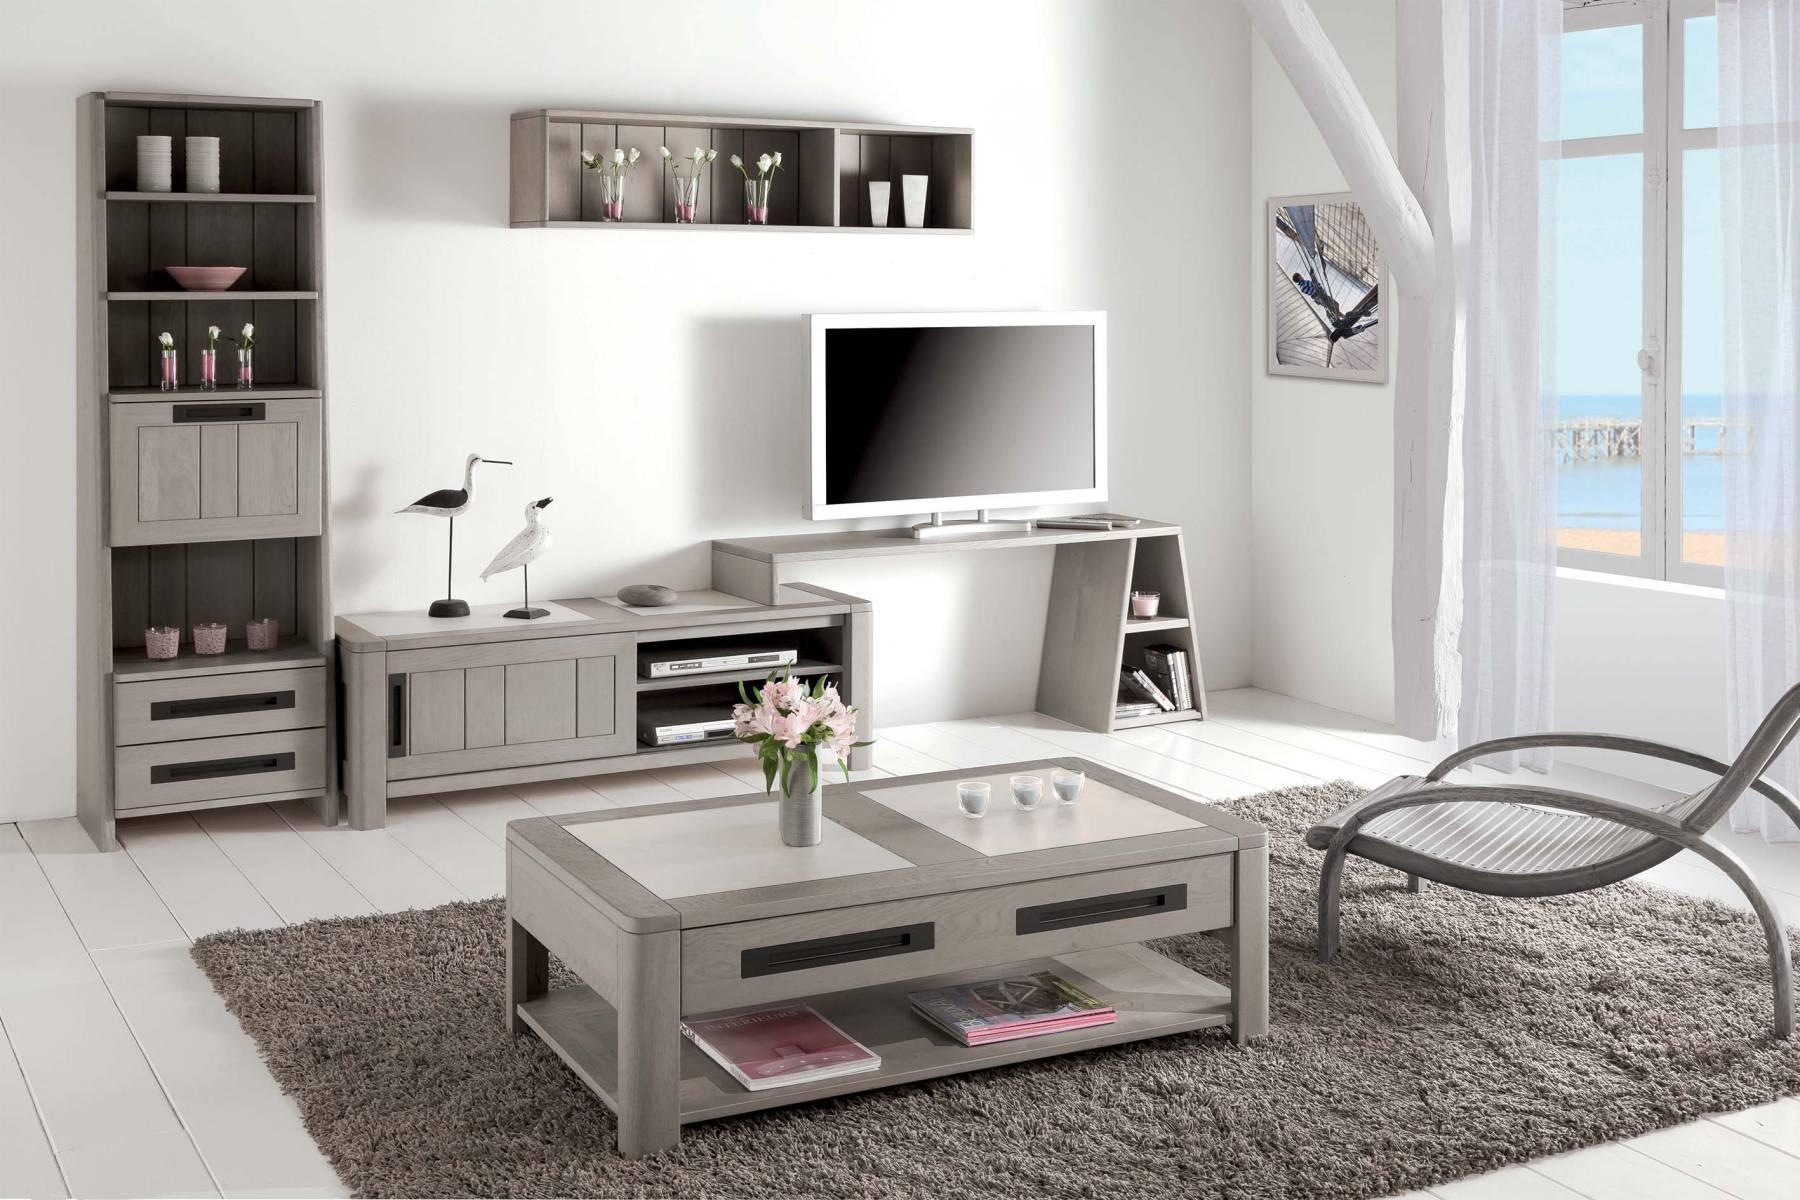 meubles-salon-deauvil-chene-ateliers-de-langres-fabrication ...